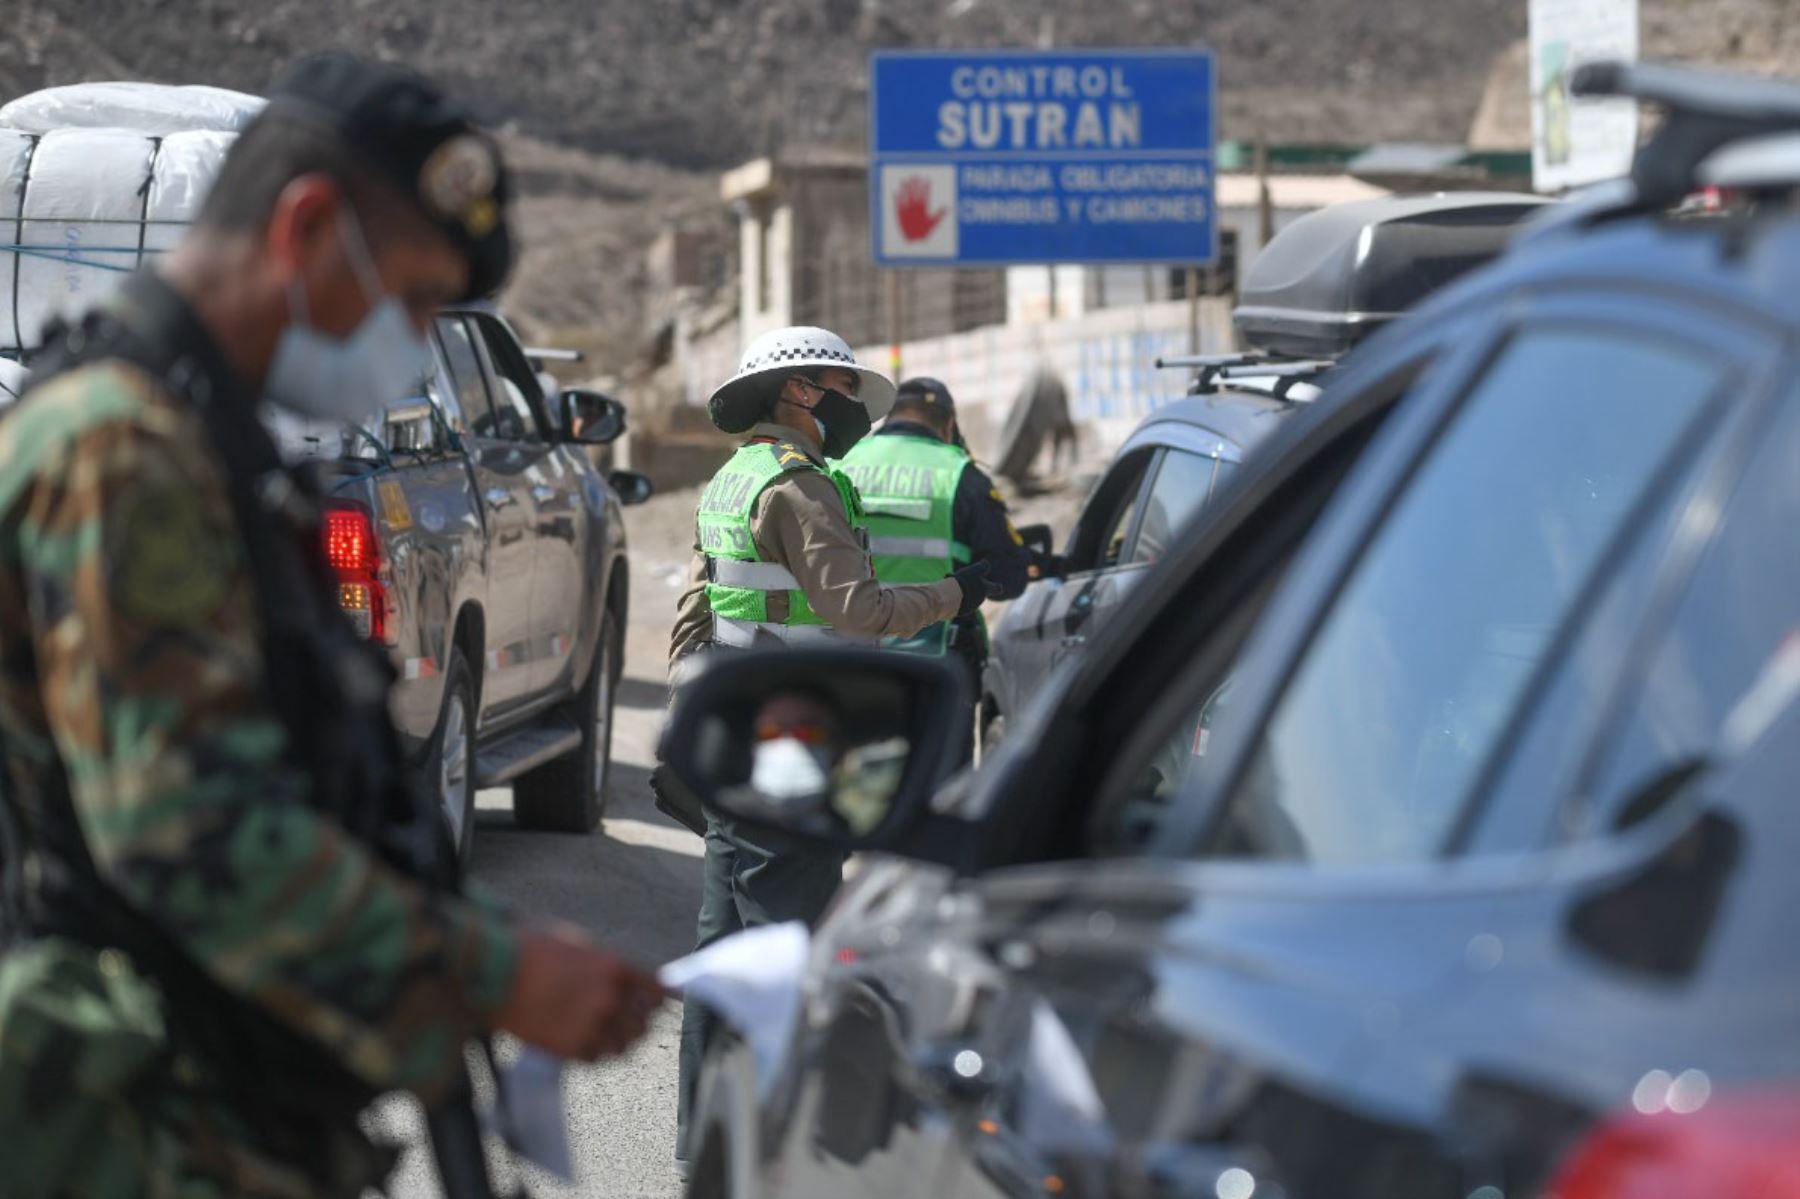 Policía y Sutran controlan ingreso a Arequipa para respetar cerco epidemiológico. Foto: Cortesía Diego Ramos